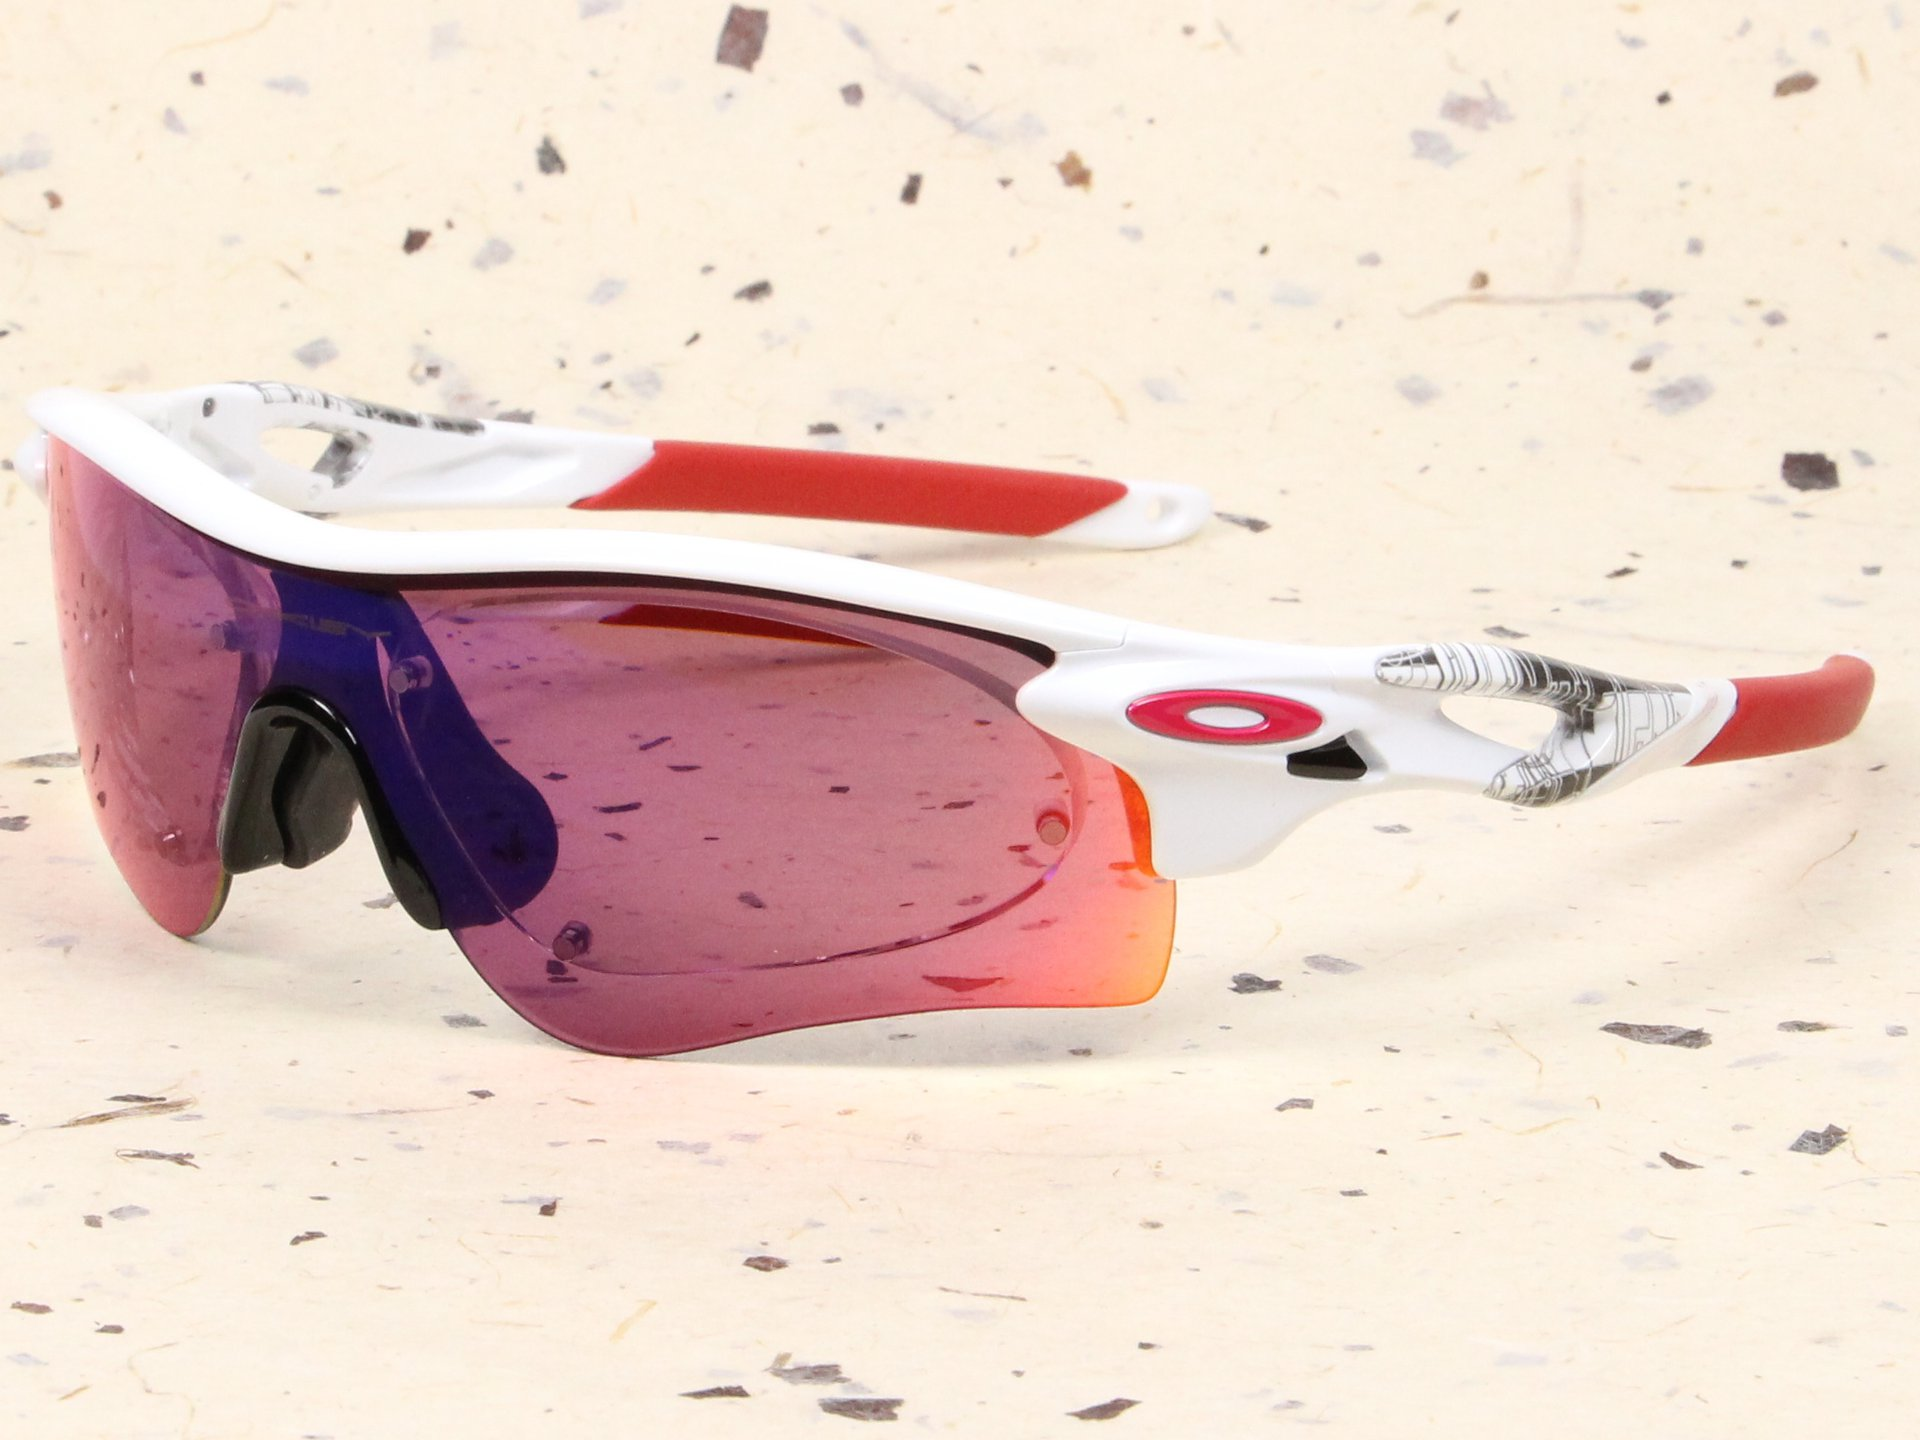 OAKLEY×スイッチマグ 度付スポーツサングラス製作例 RADARLOCK(オークリー・レーダーロック)